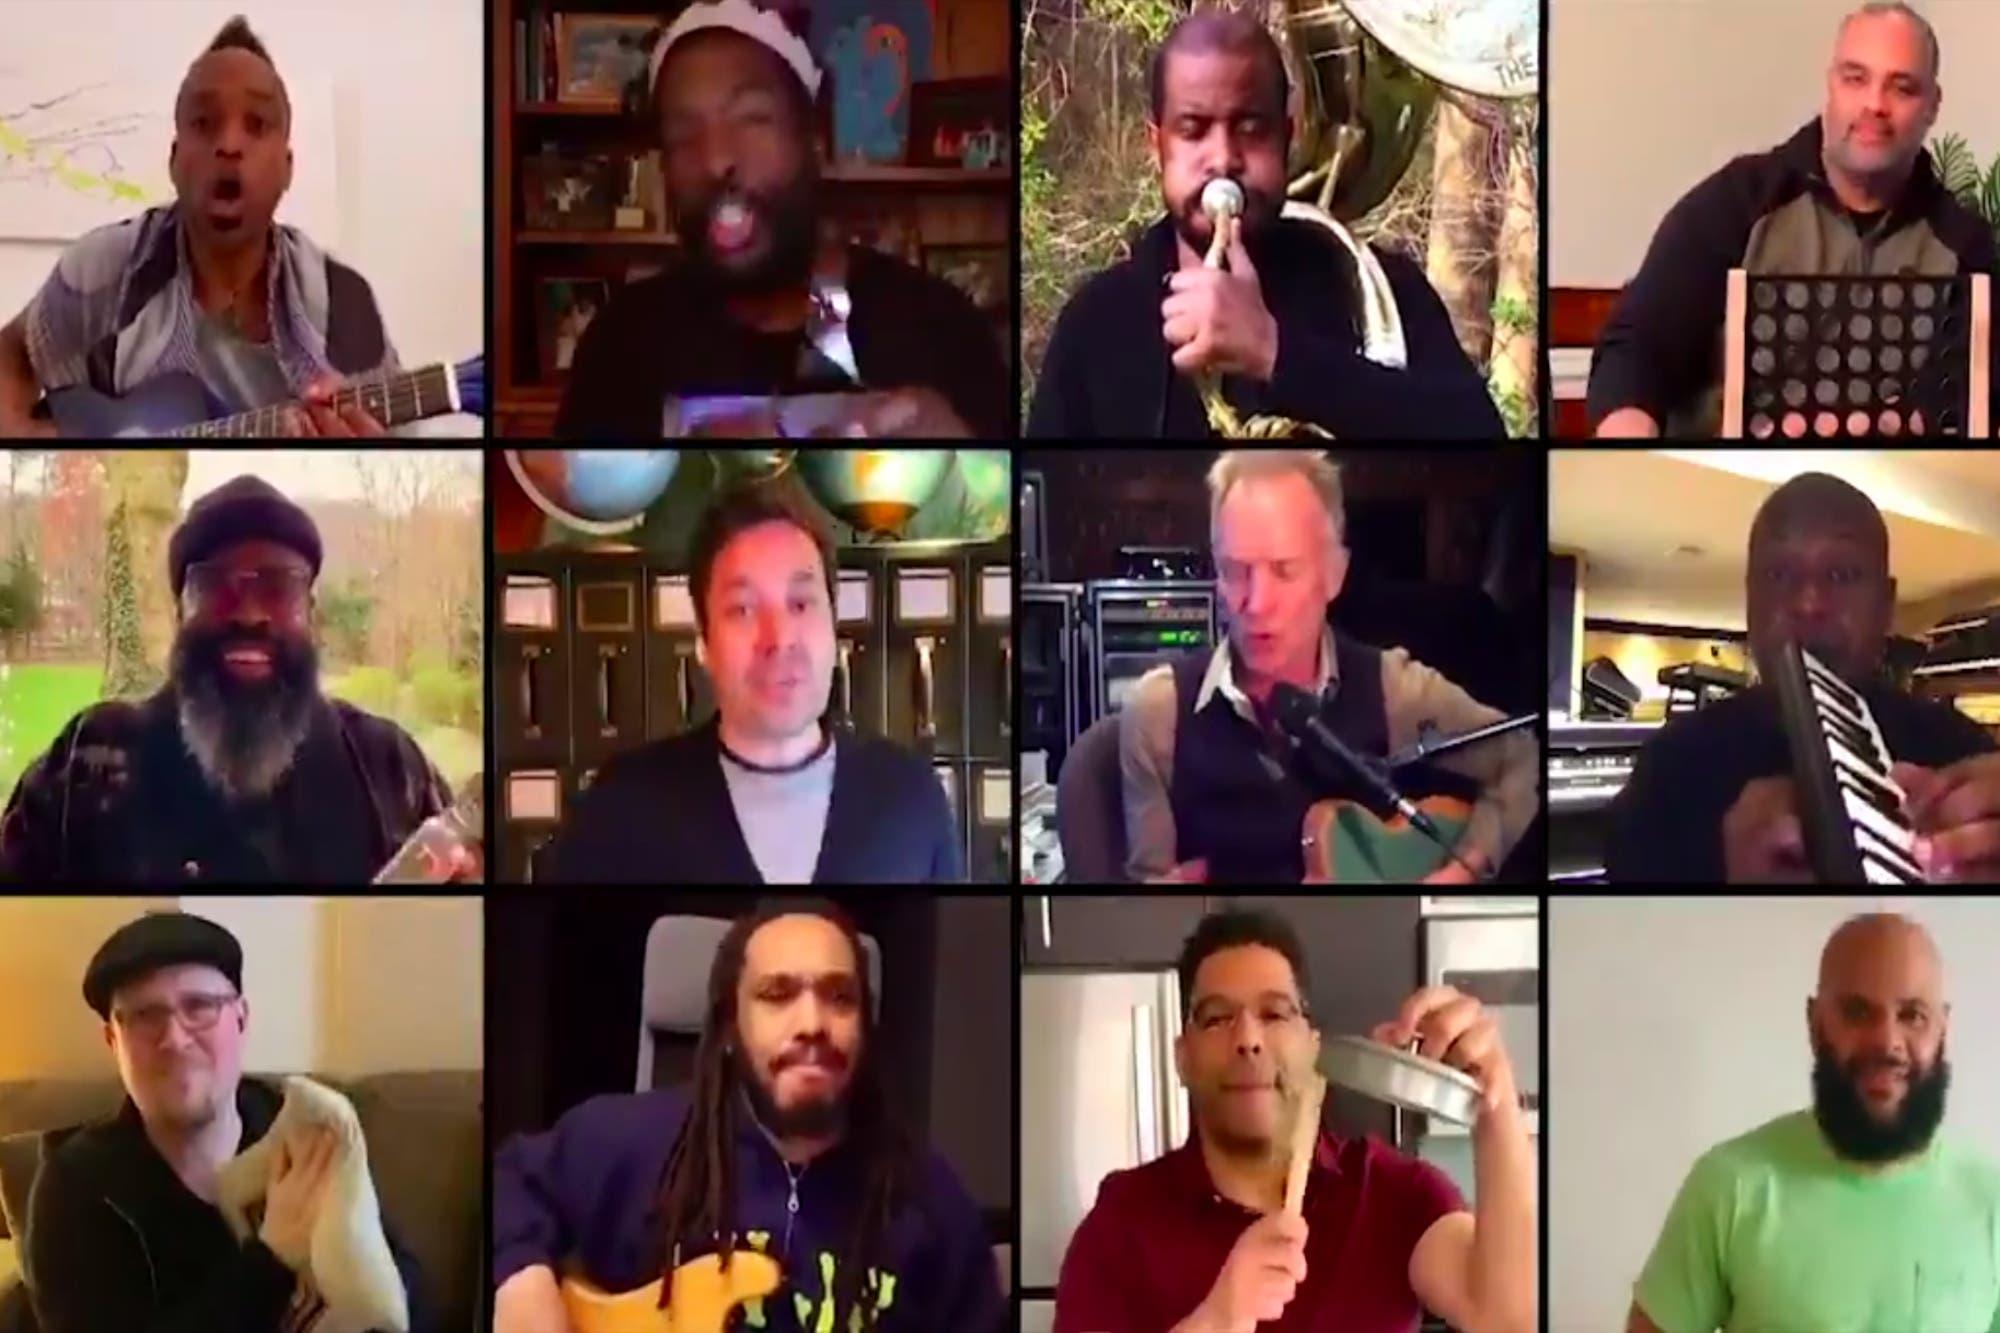 En cuarentena: Sting y Jimmy Fallon armaron una banda con instrumentos caseros por videollamada